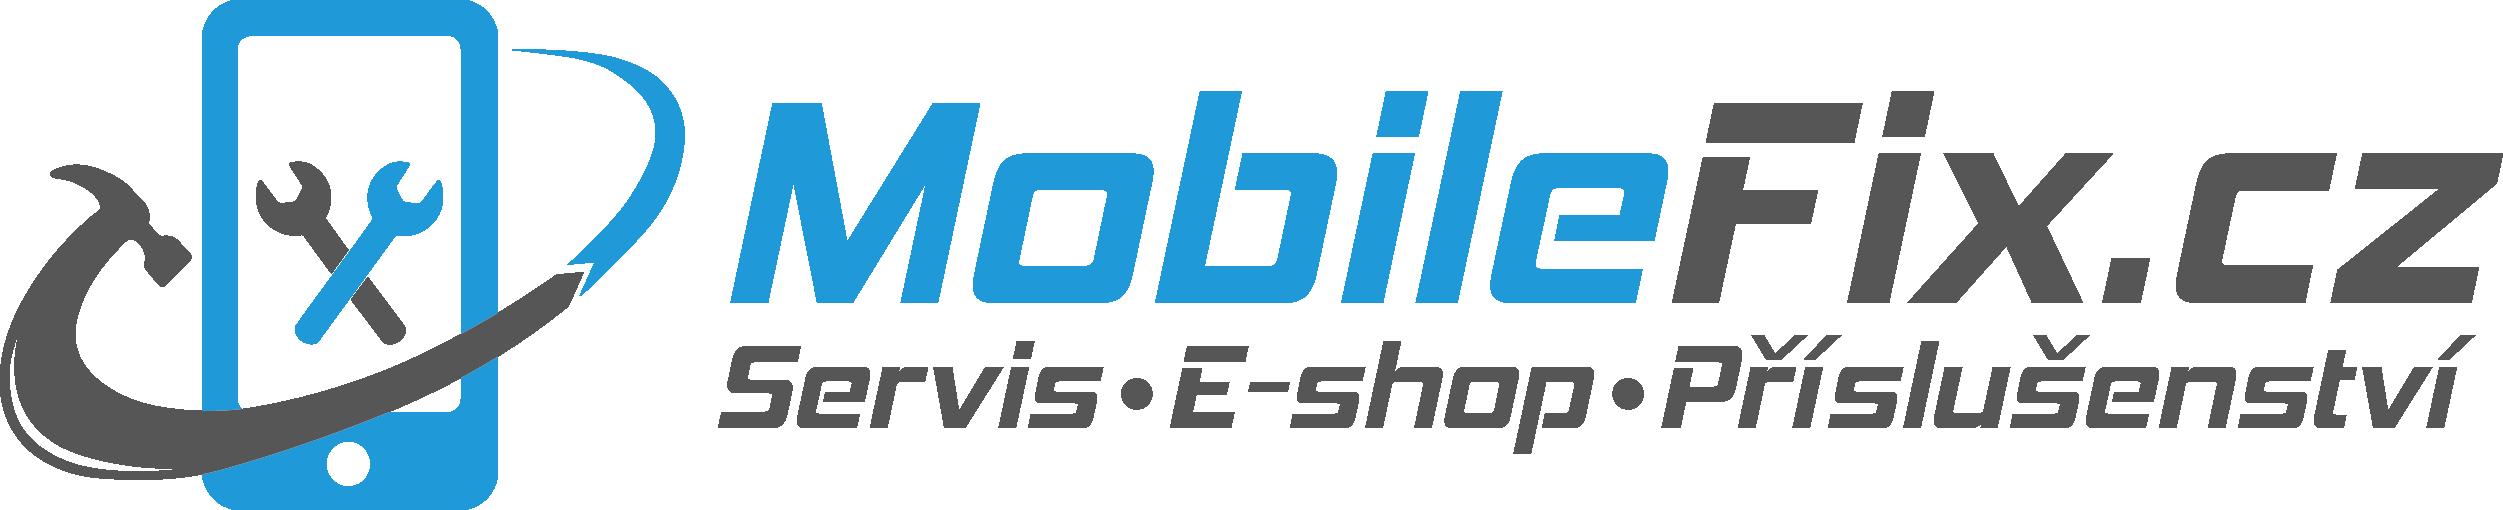 MobileFix.cz - Náhradní díly pro iPhony